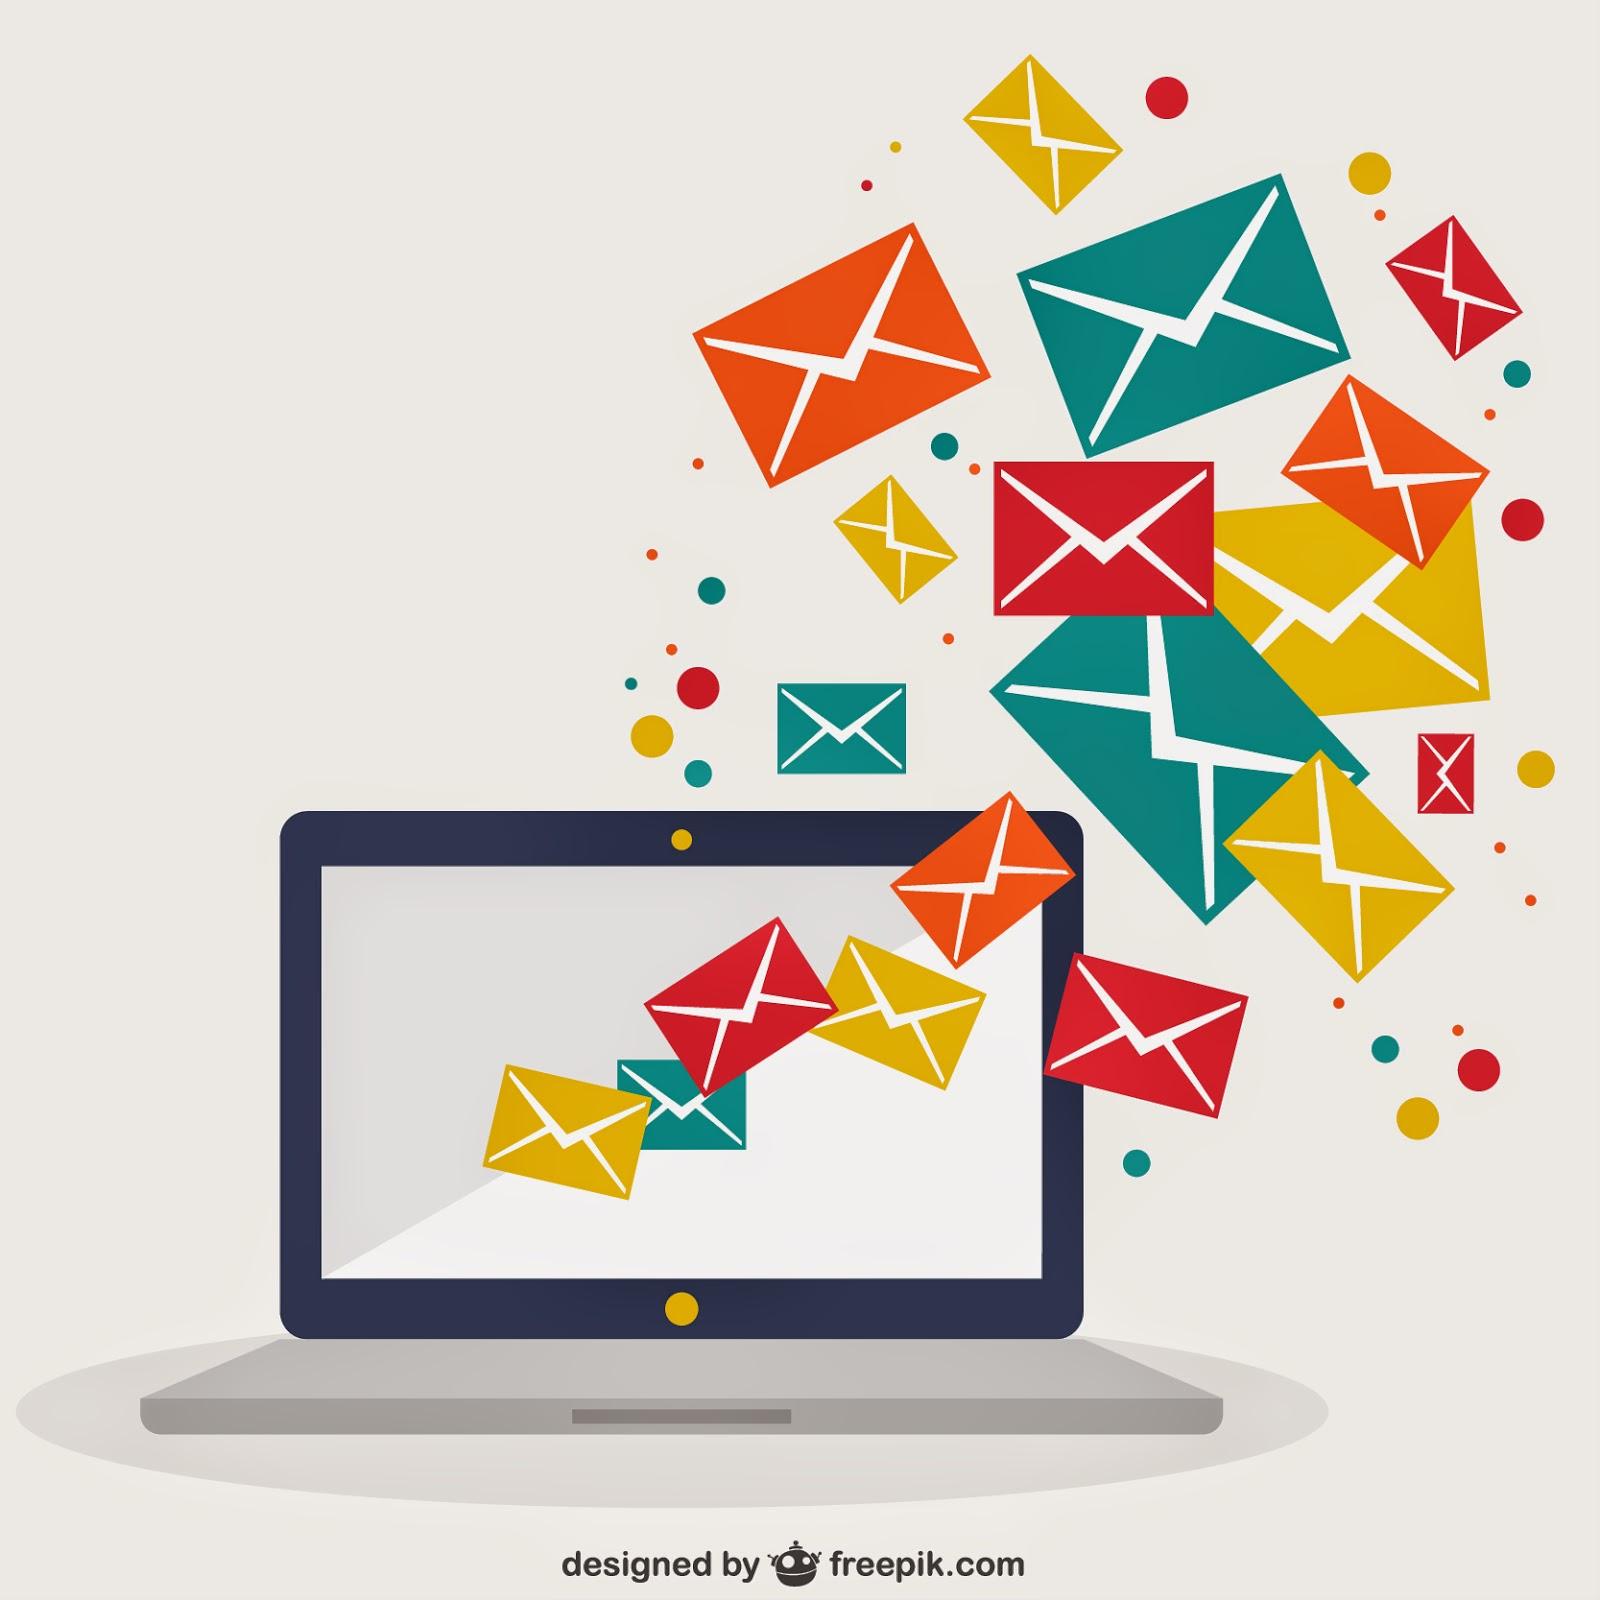 Como organizar el correo electronico de forma eficiente